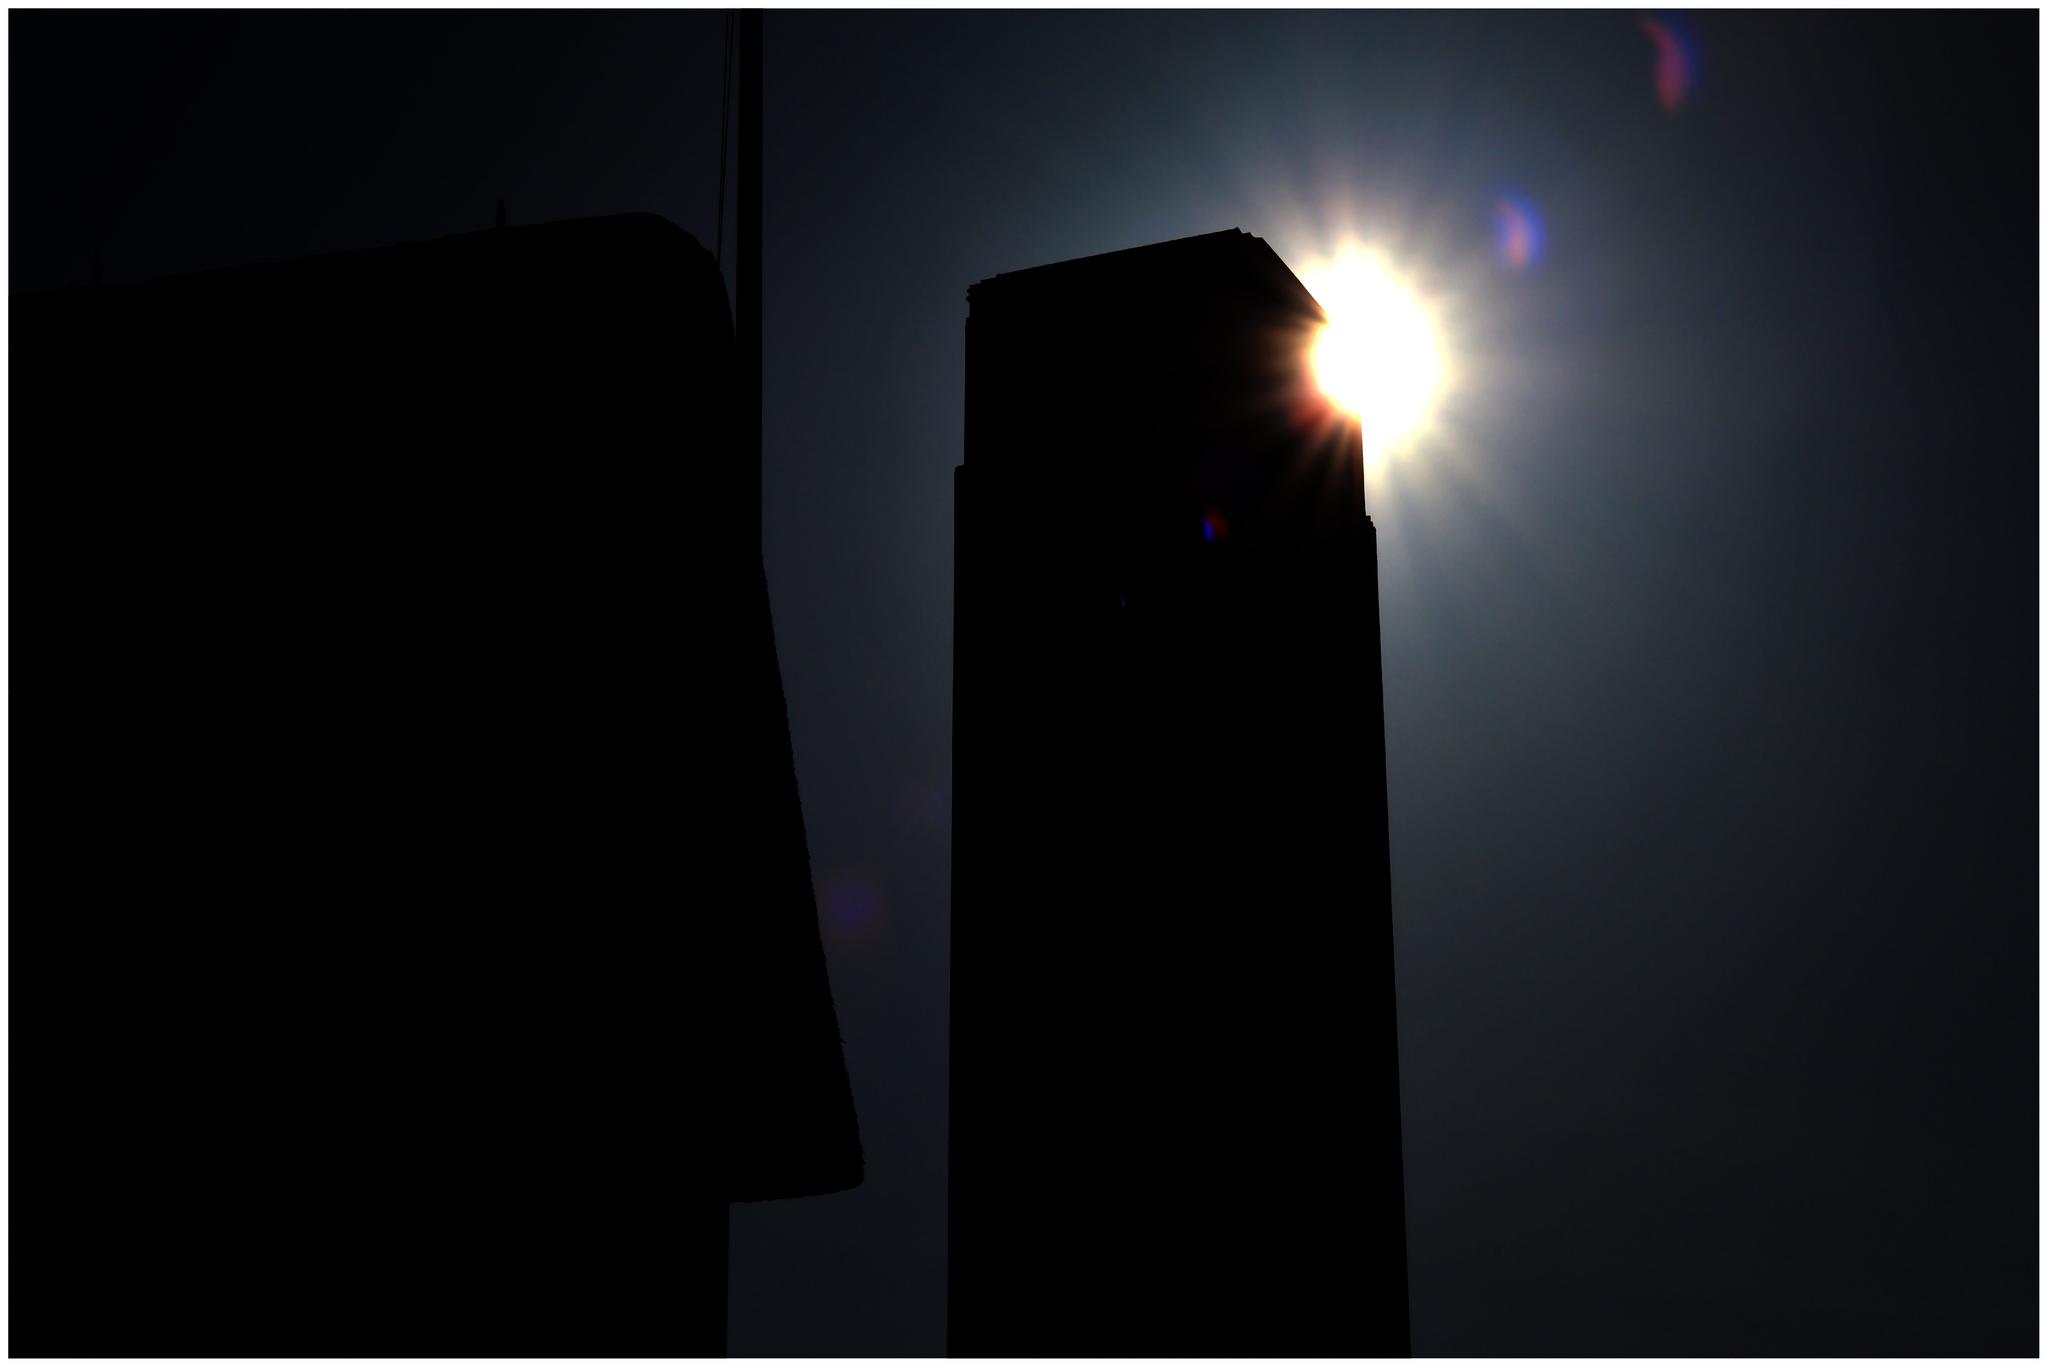 Tate Eclipse